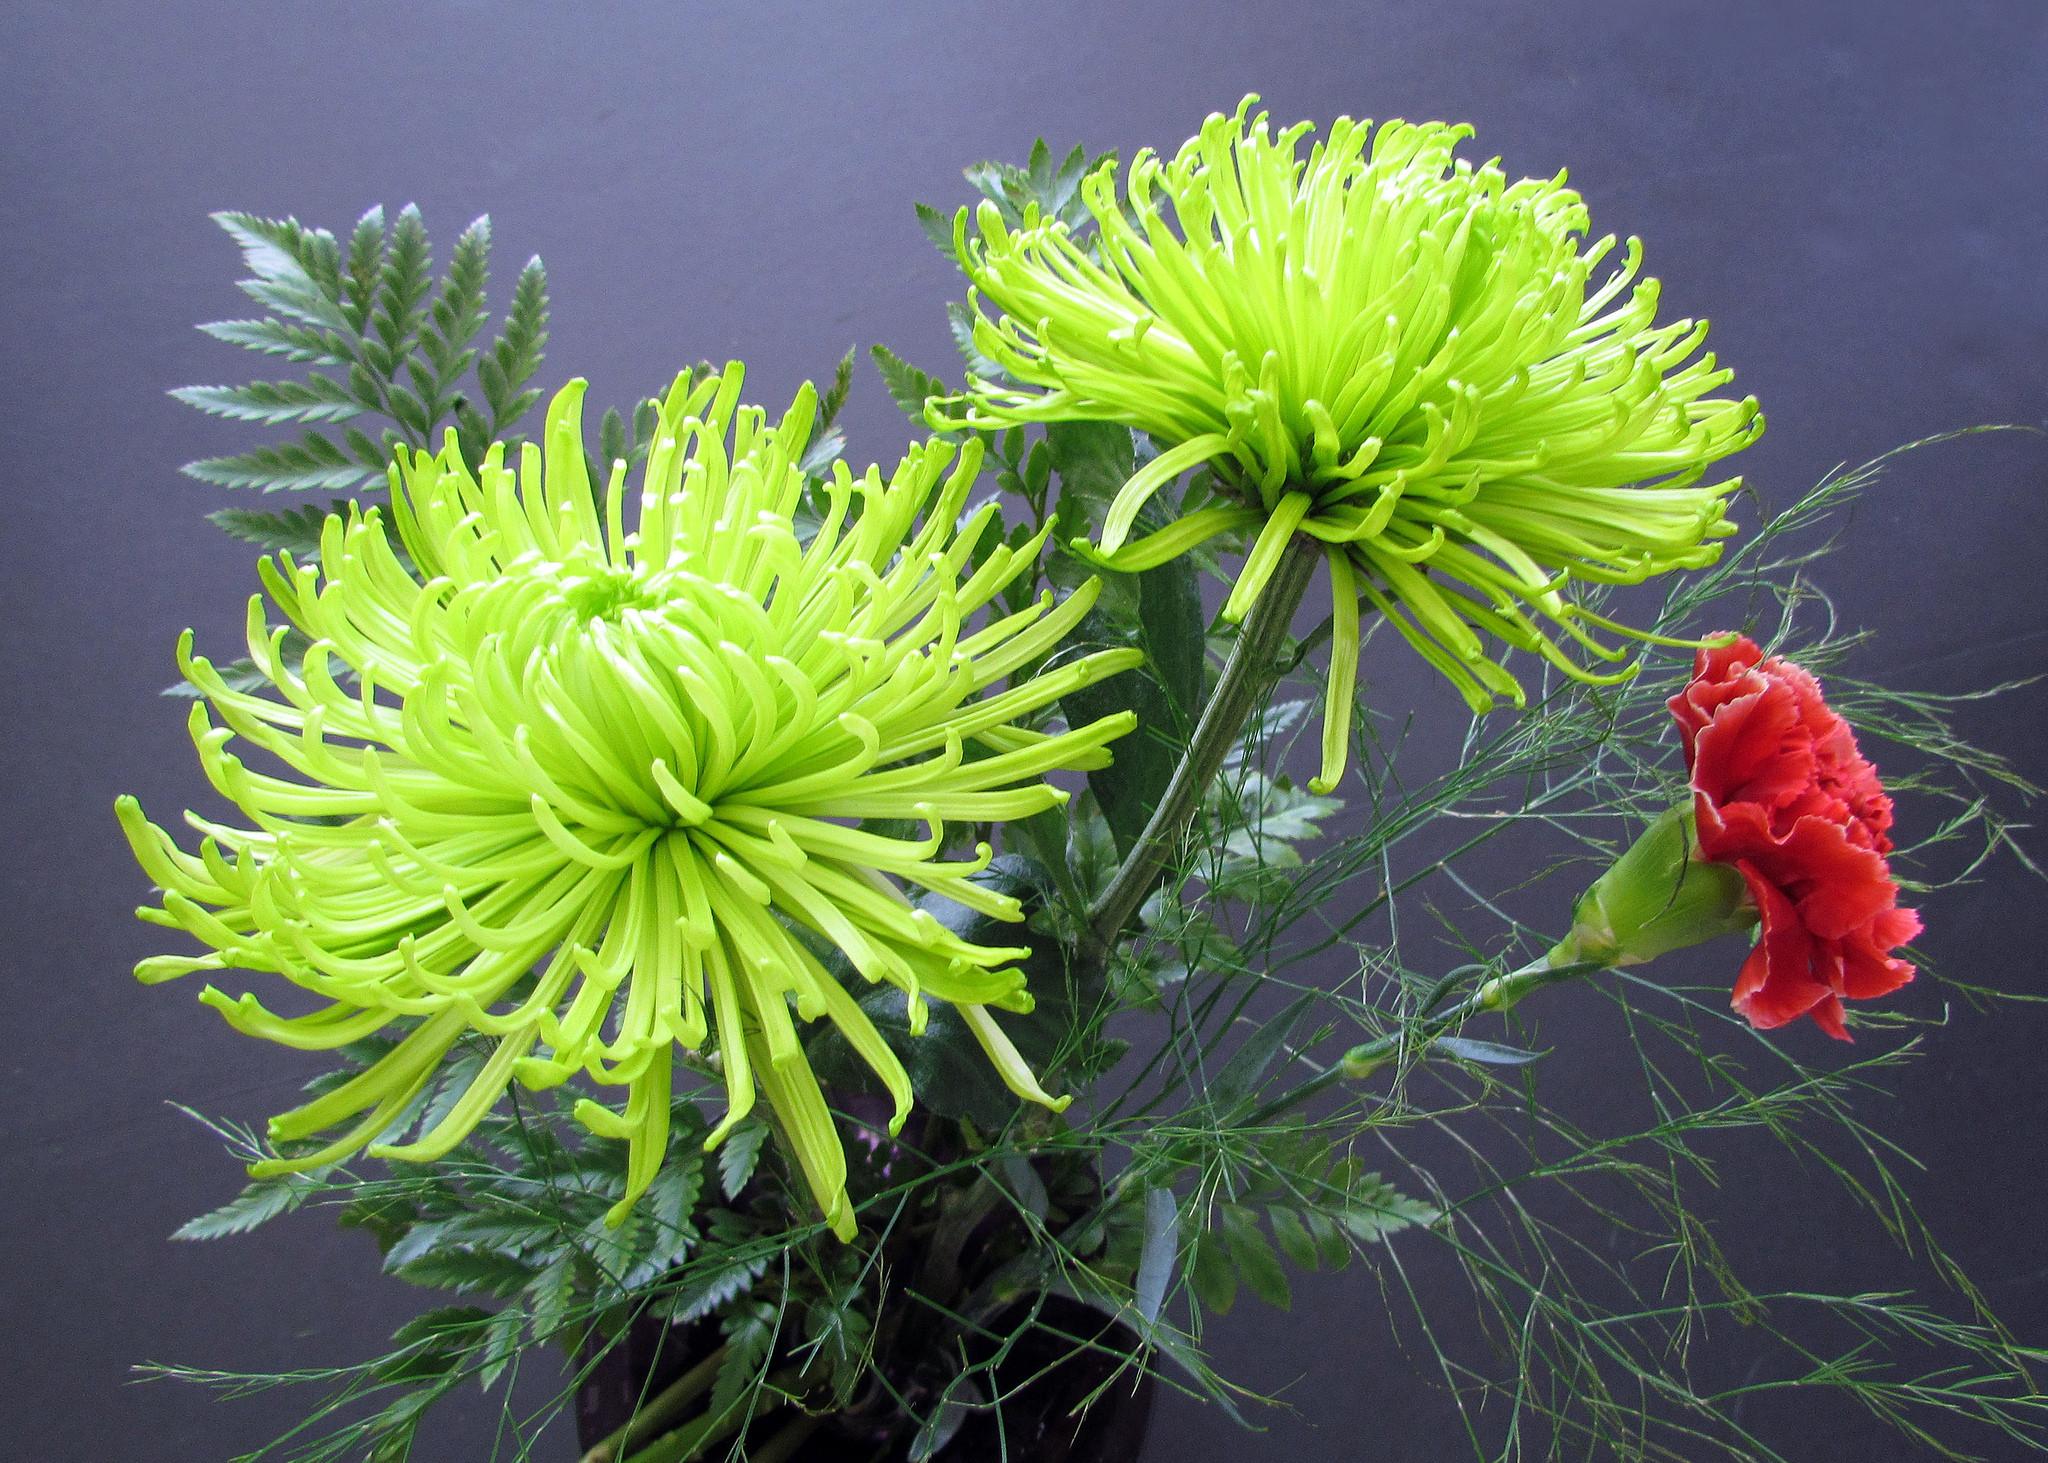 обои Георгины, цветы, букет, флора картинки фото